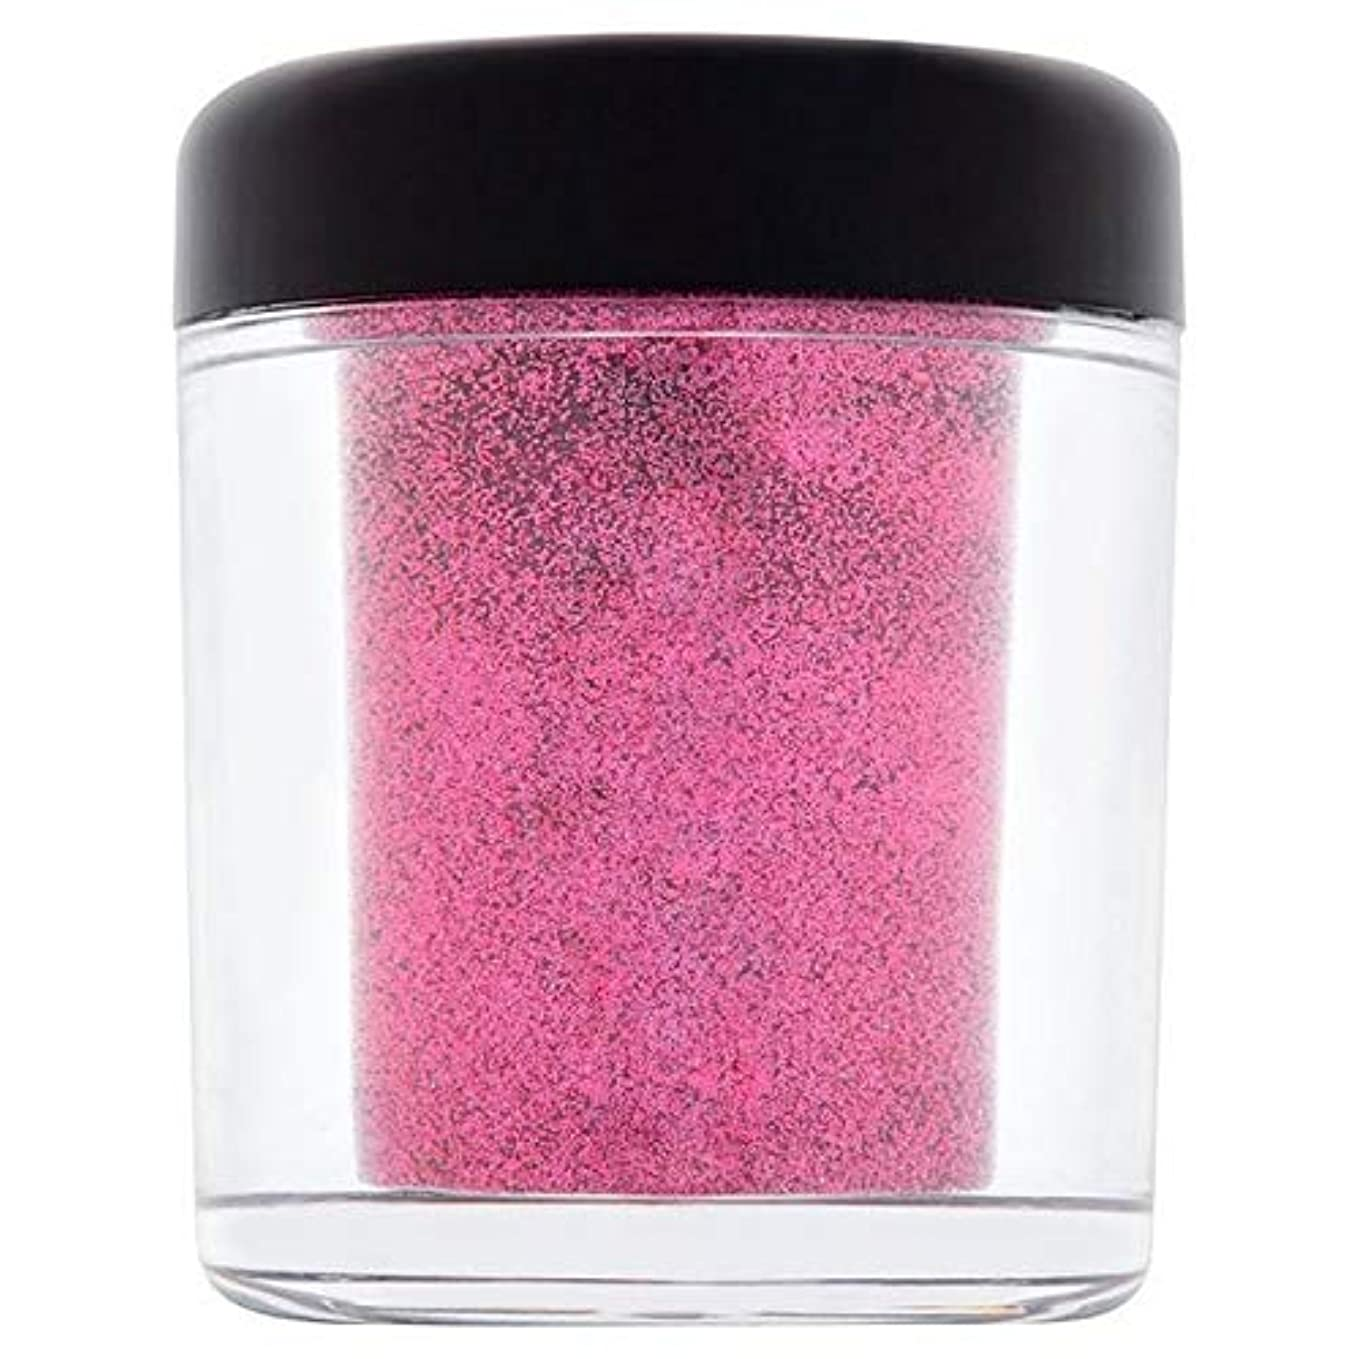 サロン作りピッチ[Collection ] 収集グラムの結晶フェイス&ボディグリッター誘惑4 - Collection Glam Crystals Face & Body Glitter Temptation 4 [並行輸入品]